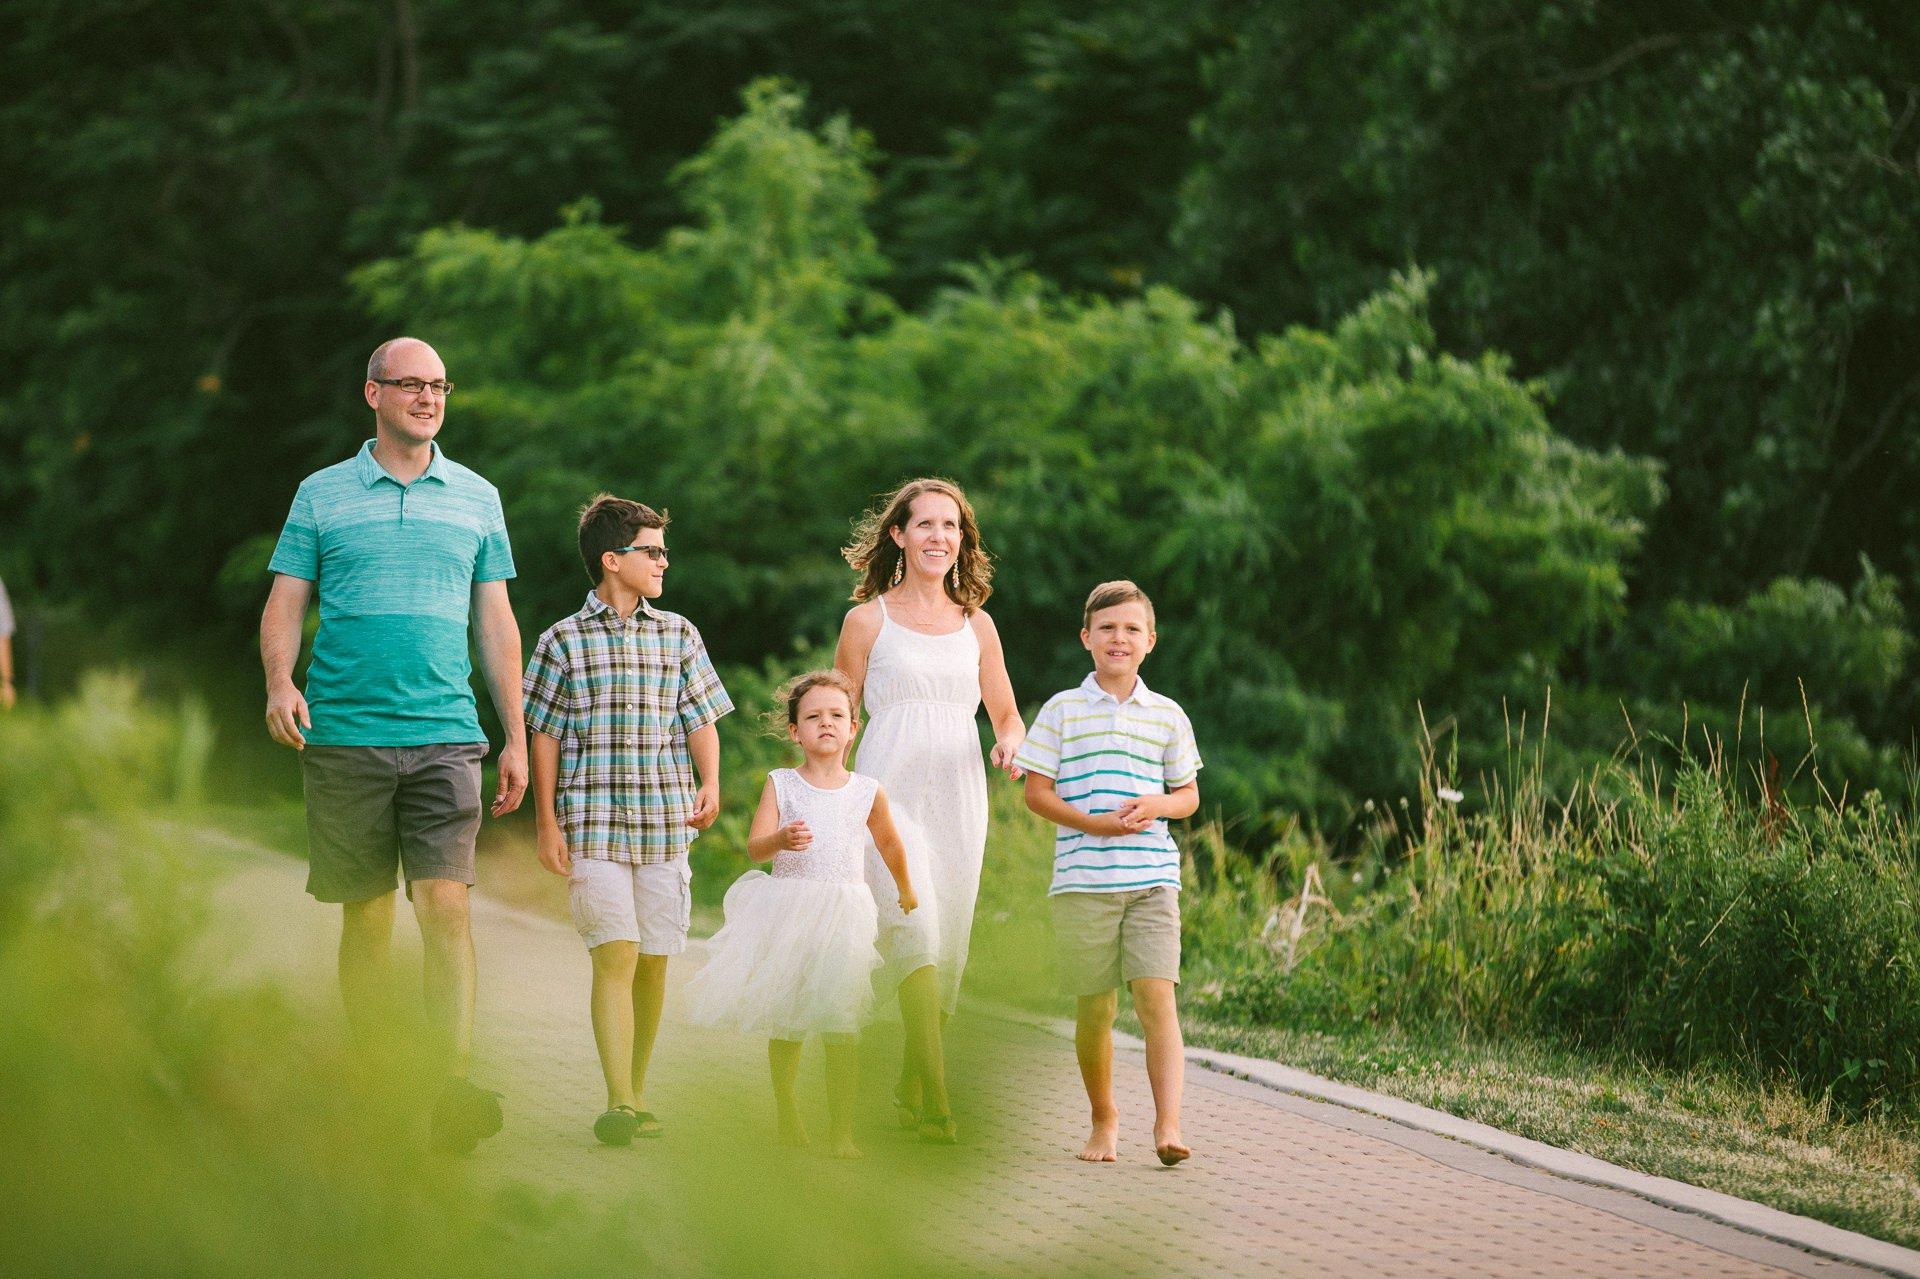 Lakewood Ohio Lifestyle Family Photographer 1.jpg